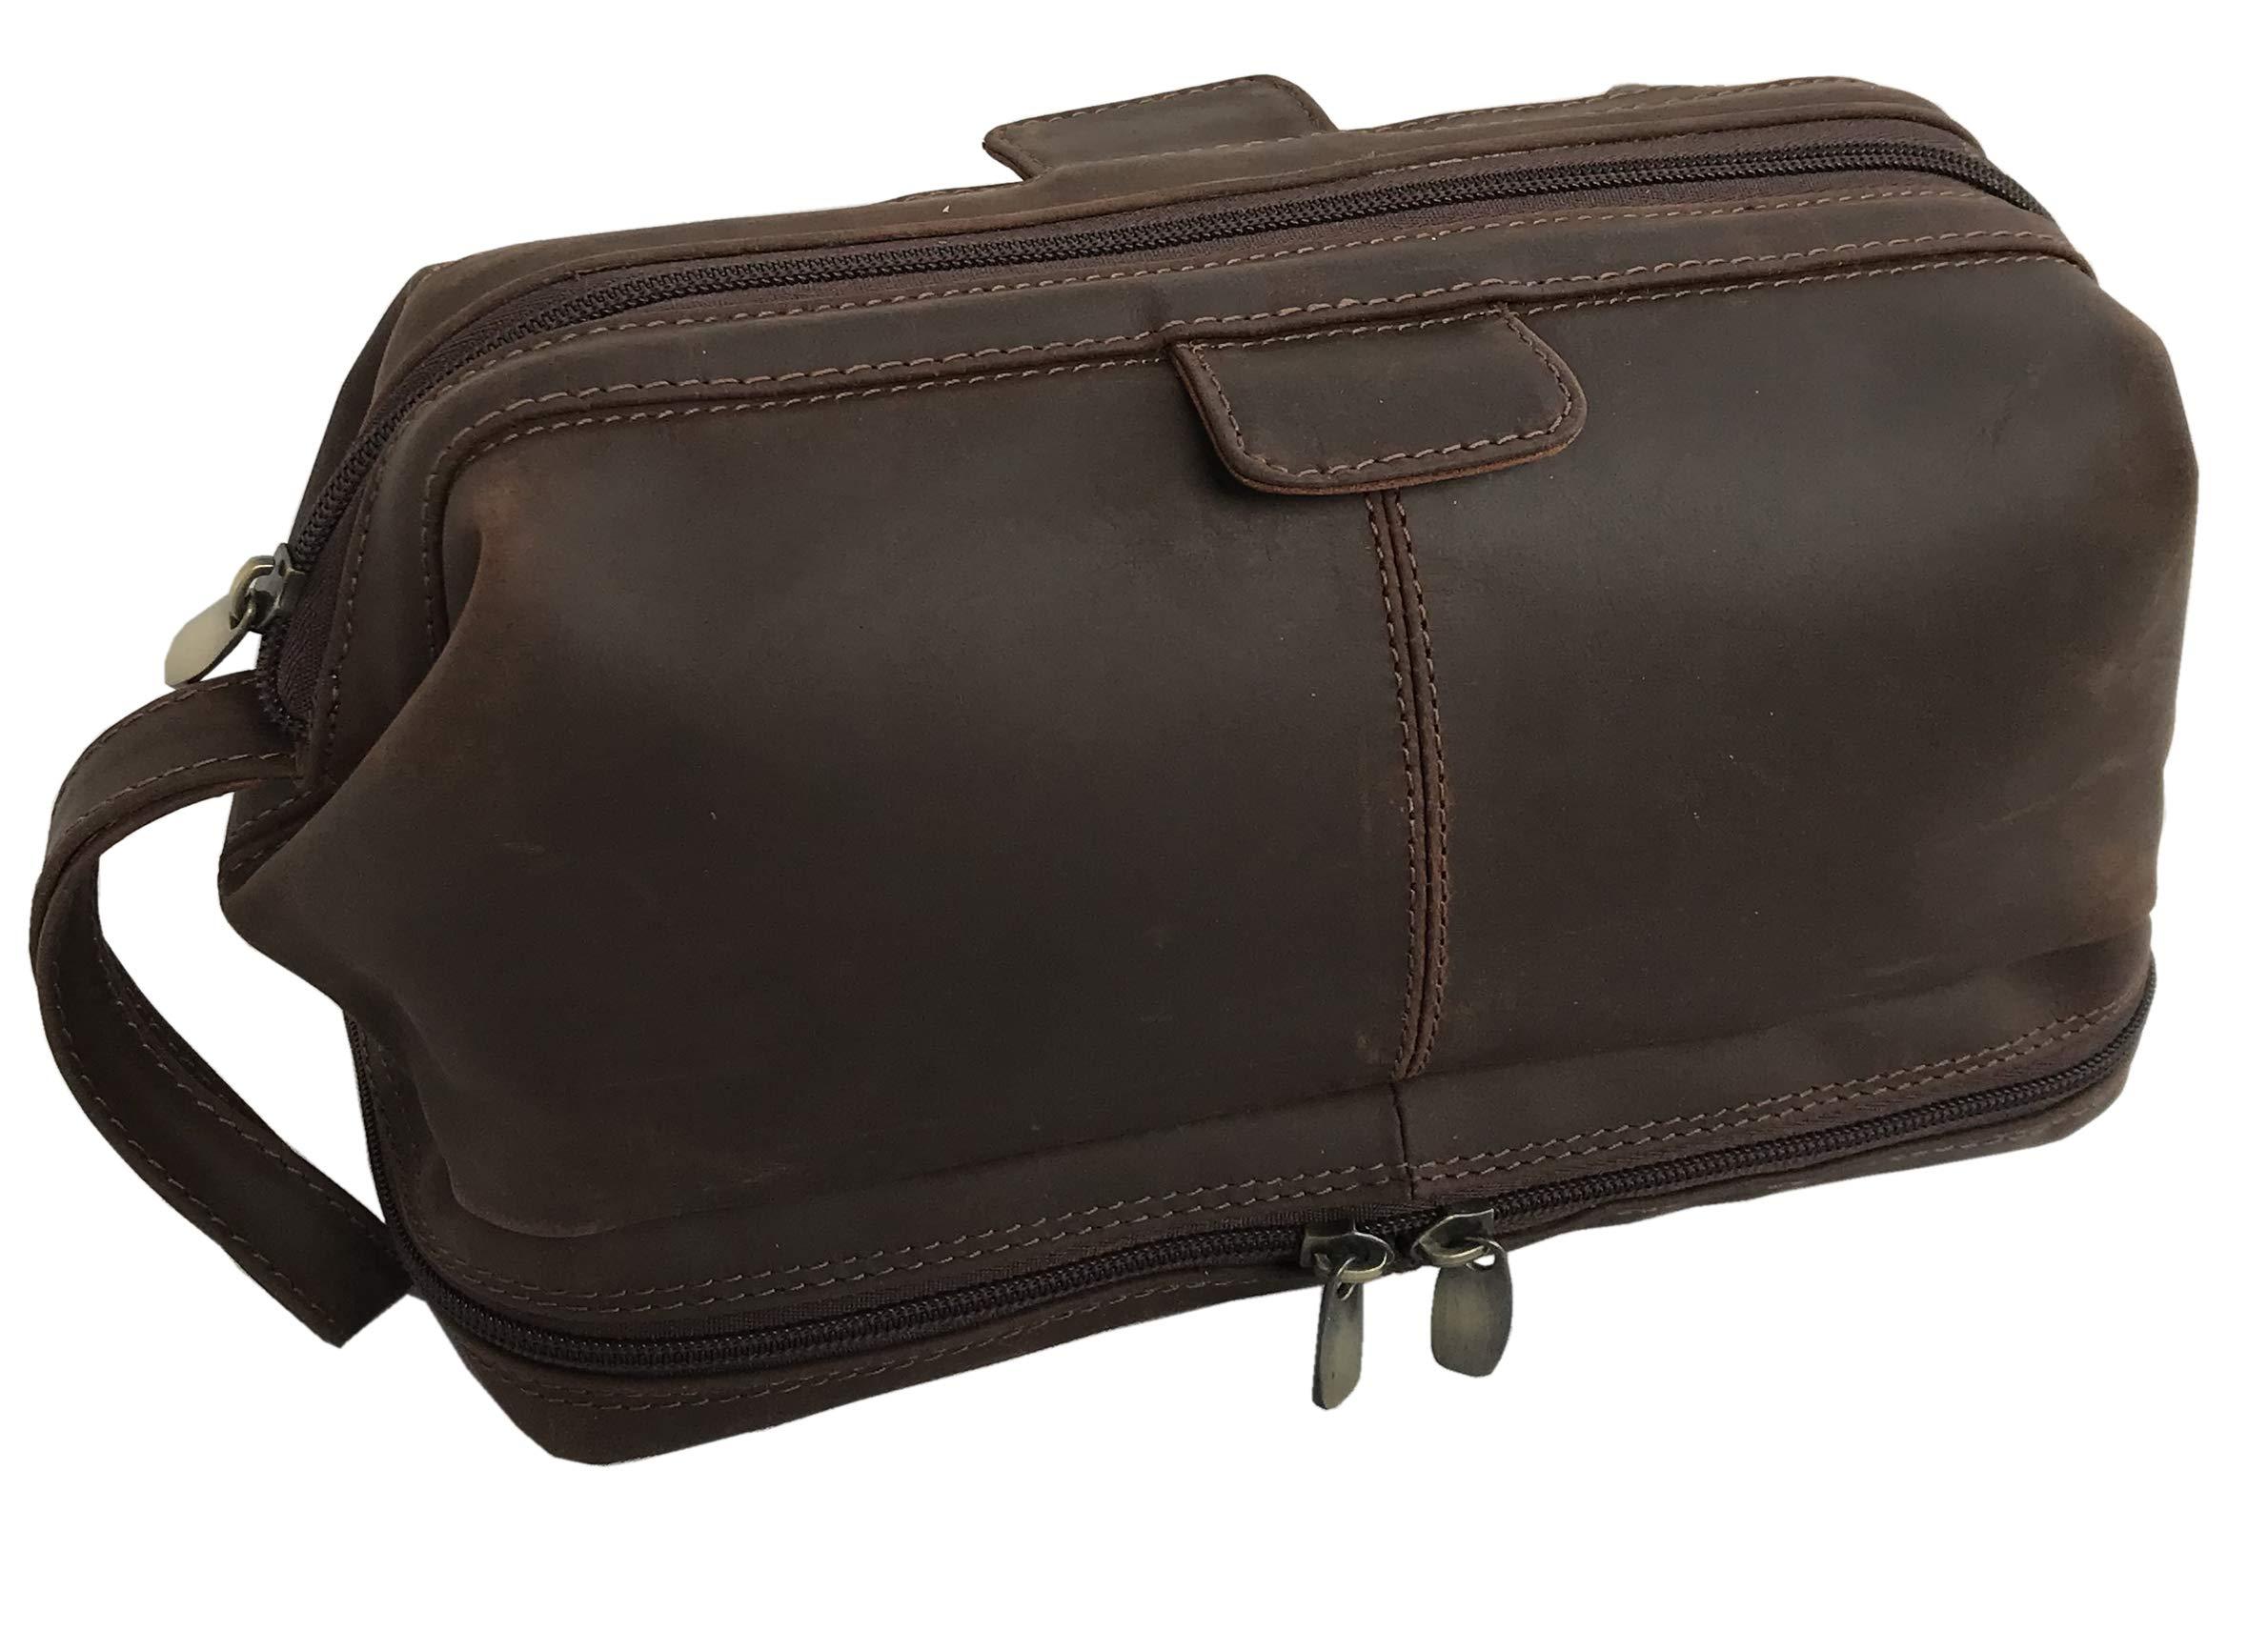 Leather Unisex Toiletry Bag Travel Dopp Kit Grooming and Shaving Kit ~ for Men Women